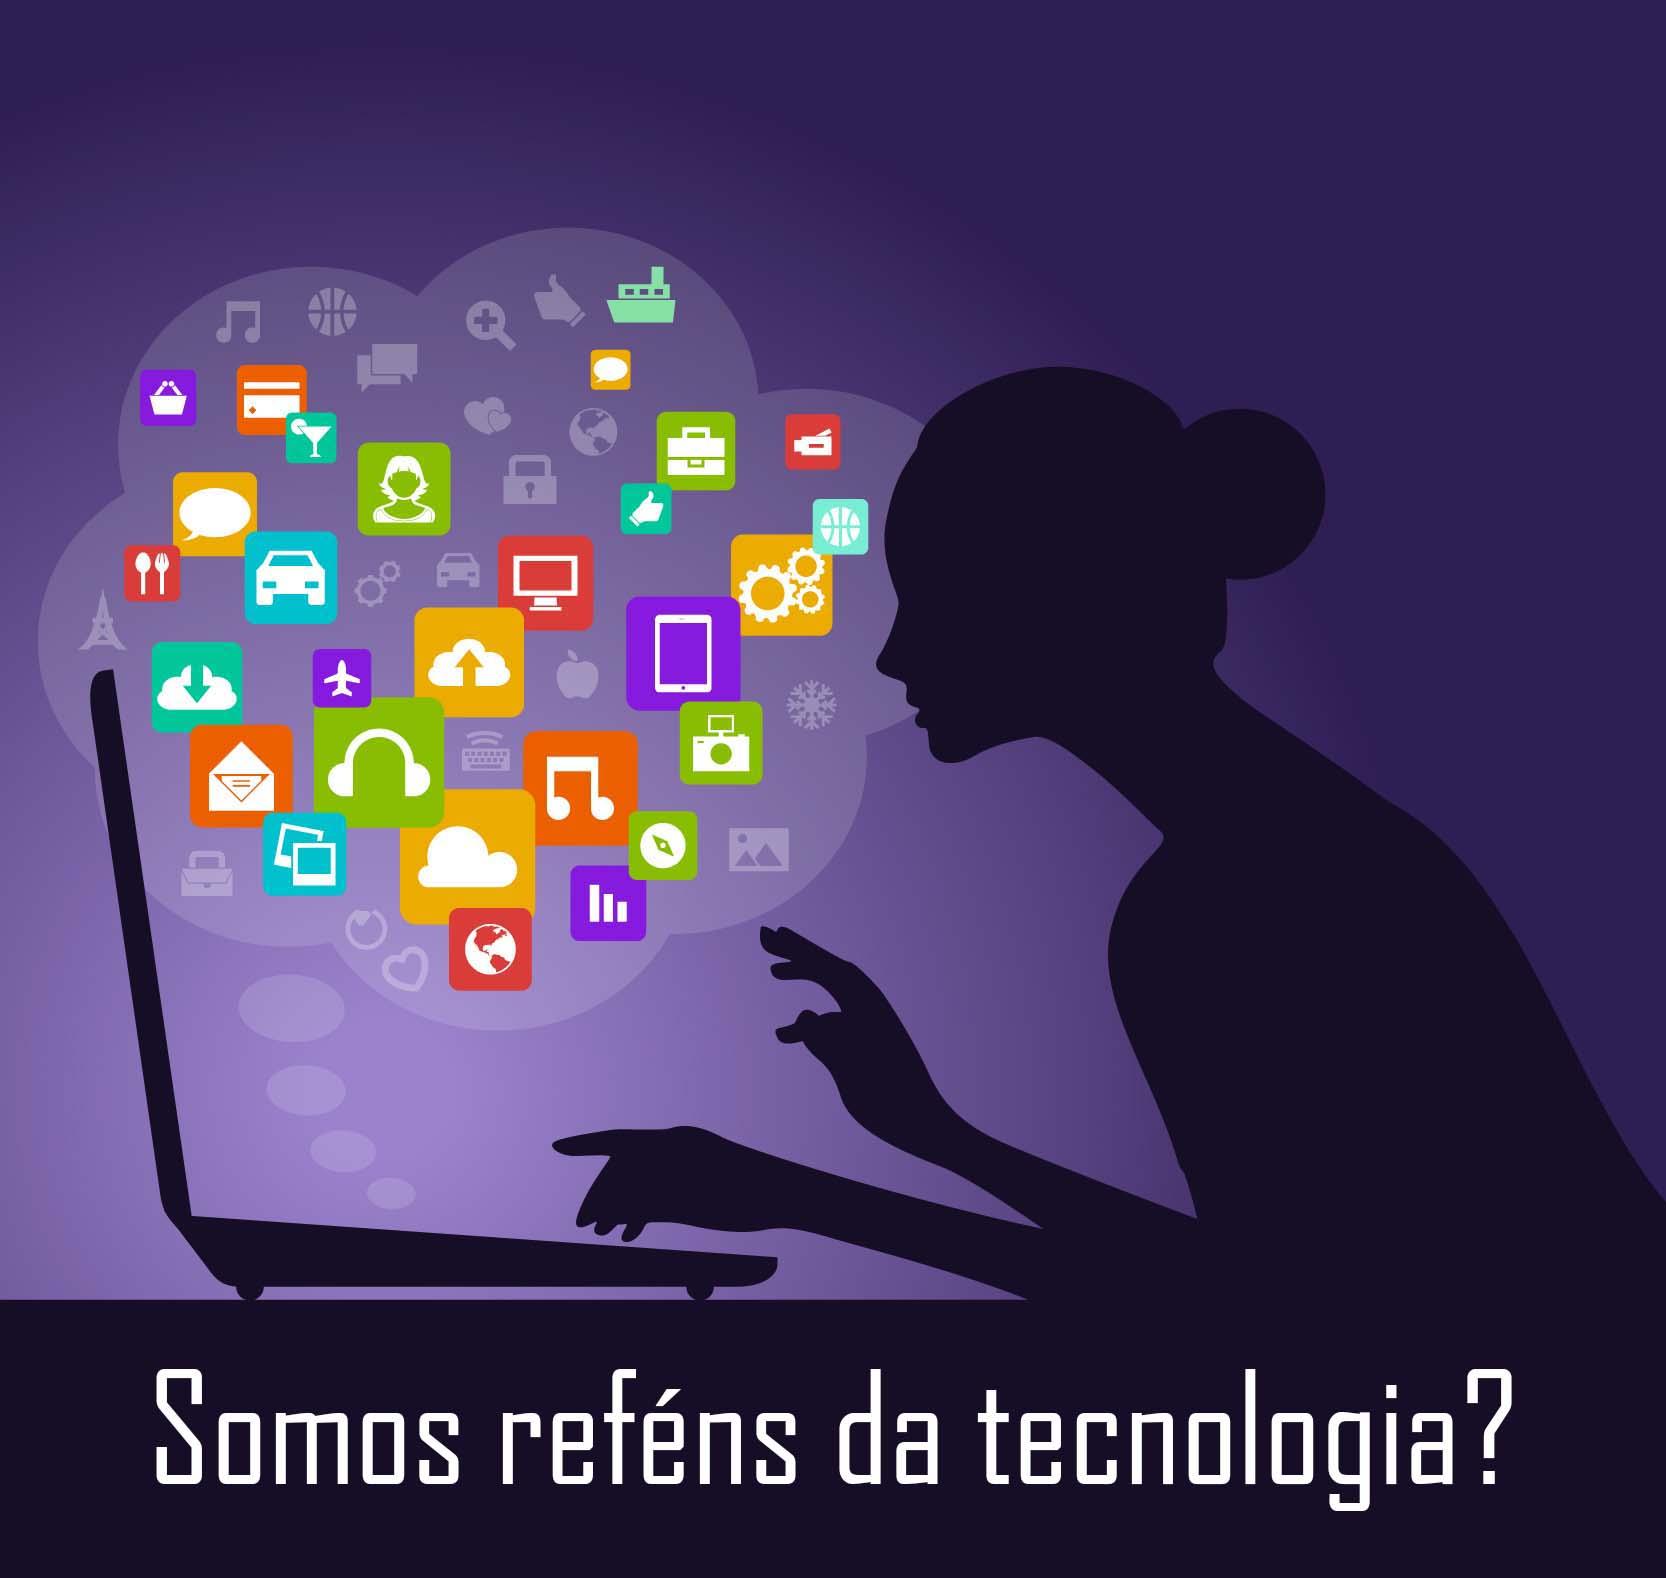 Somos reféns da tecnologia?